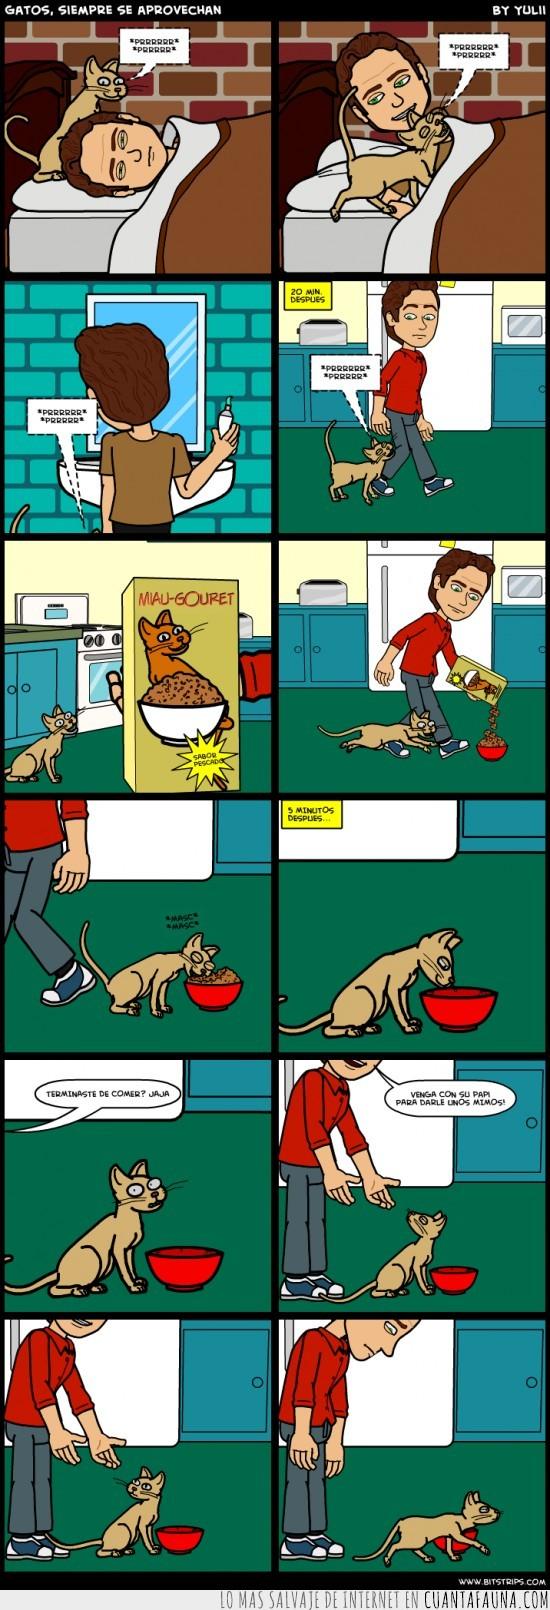 aprovecharse,comer,comic,dueño,gato,ignorar,ronronear